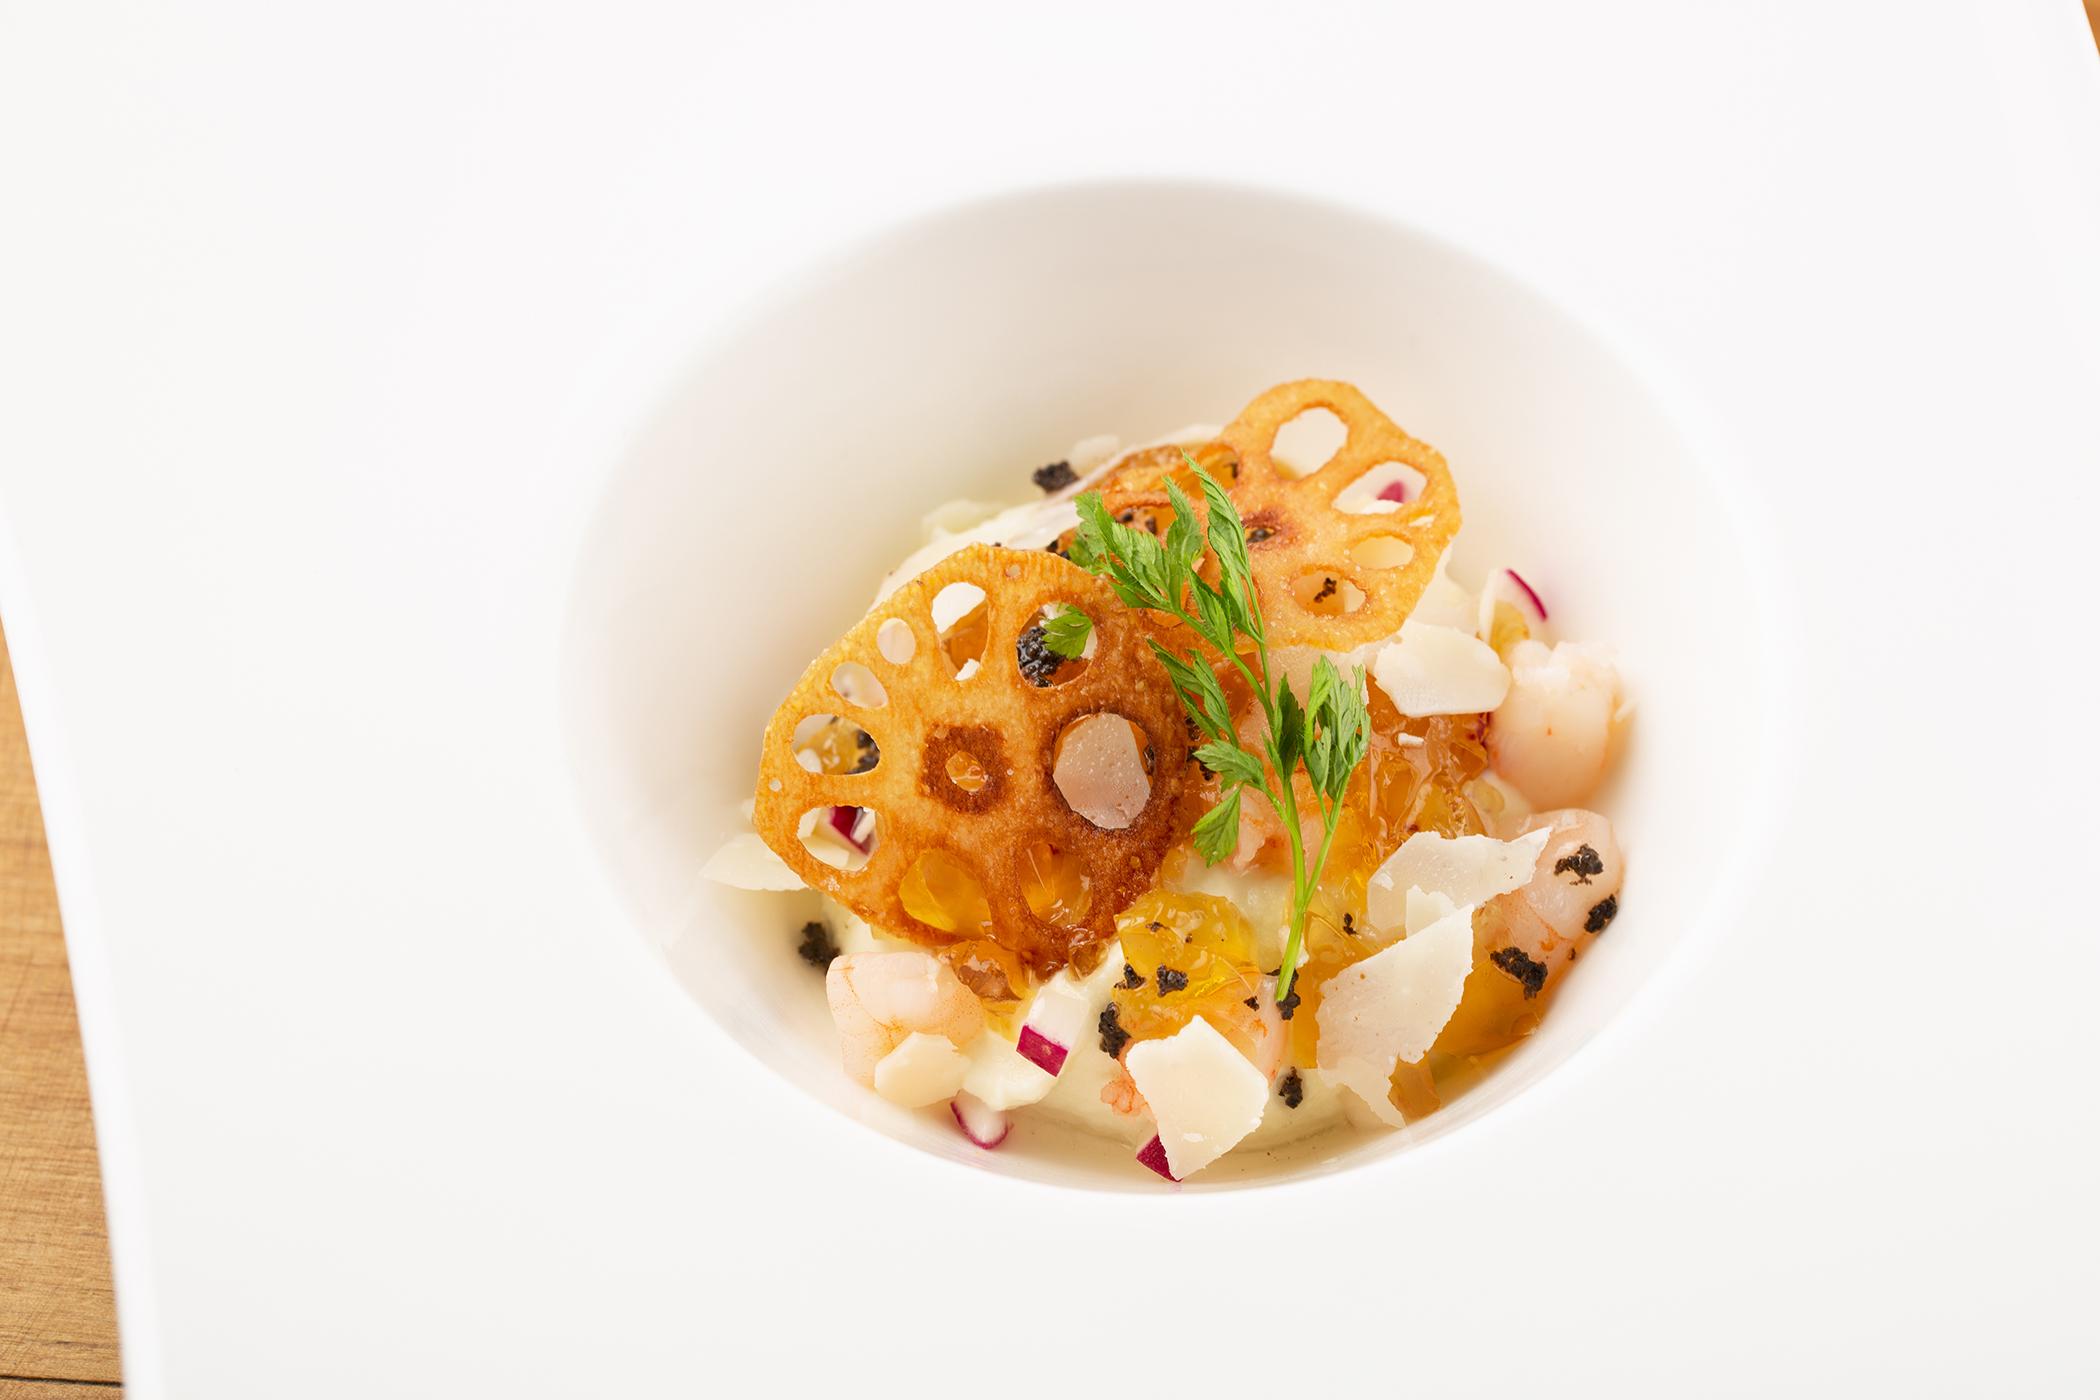 【冬季限定】パルミジャーノ レッジャーノ24ヶ月熟成とカリフラワーのムース トリュフの香り 780円(税抜)